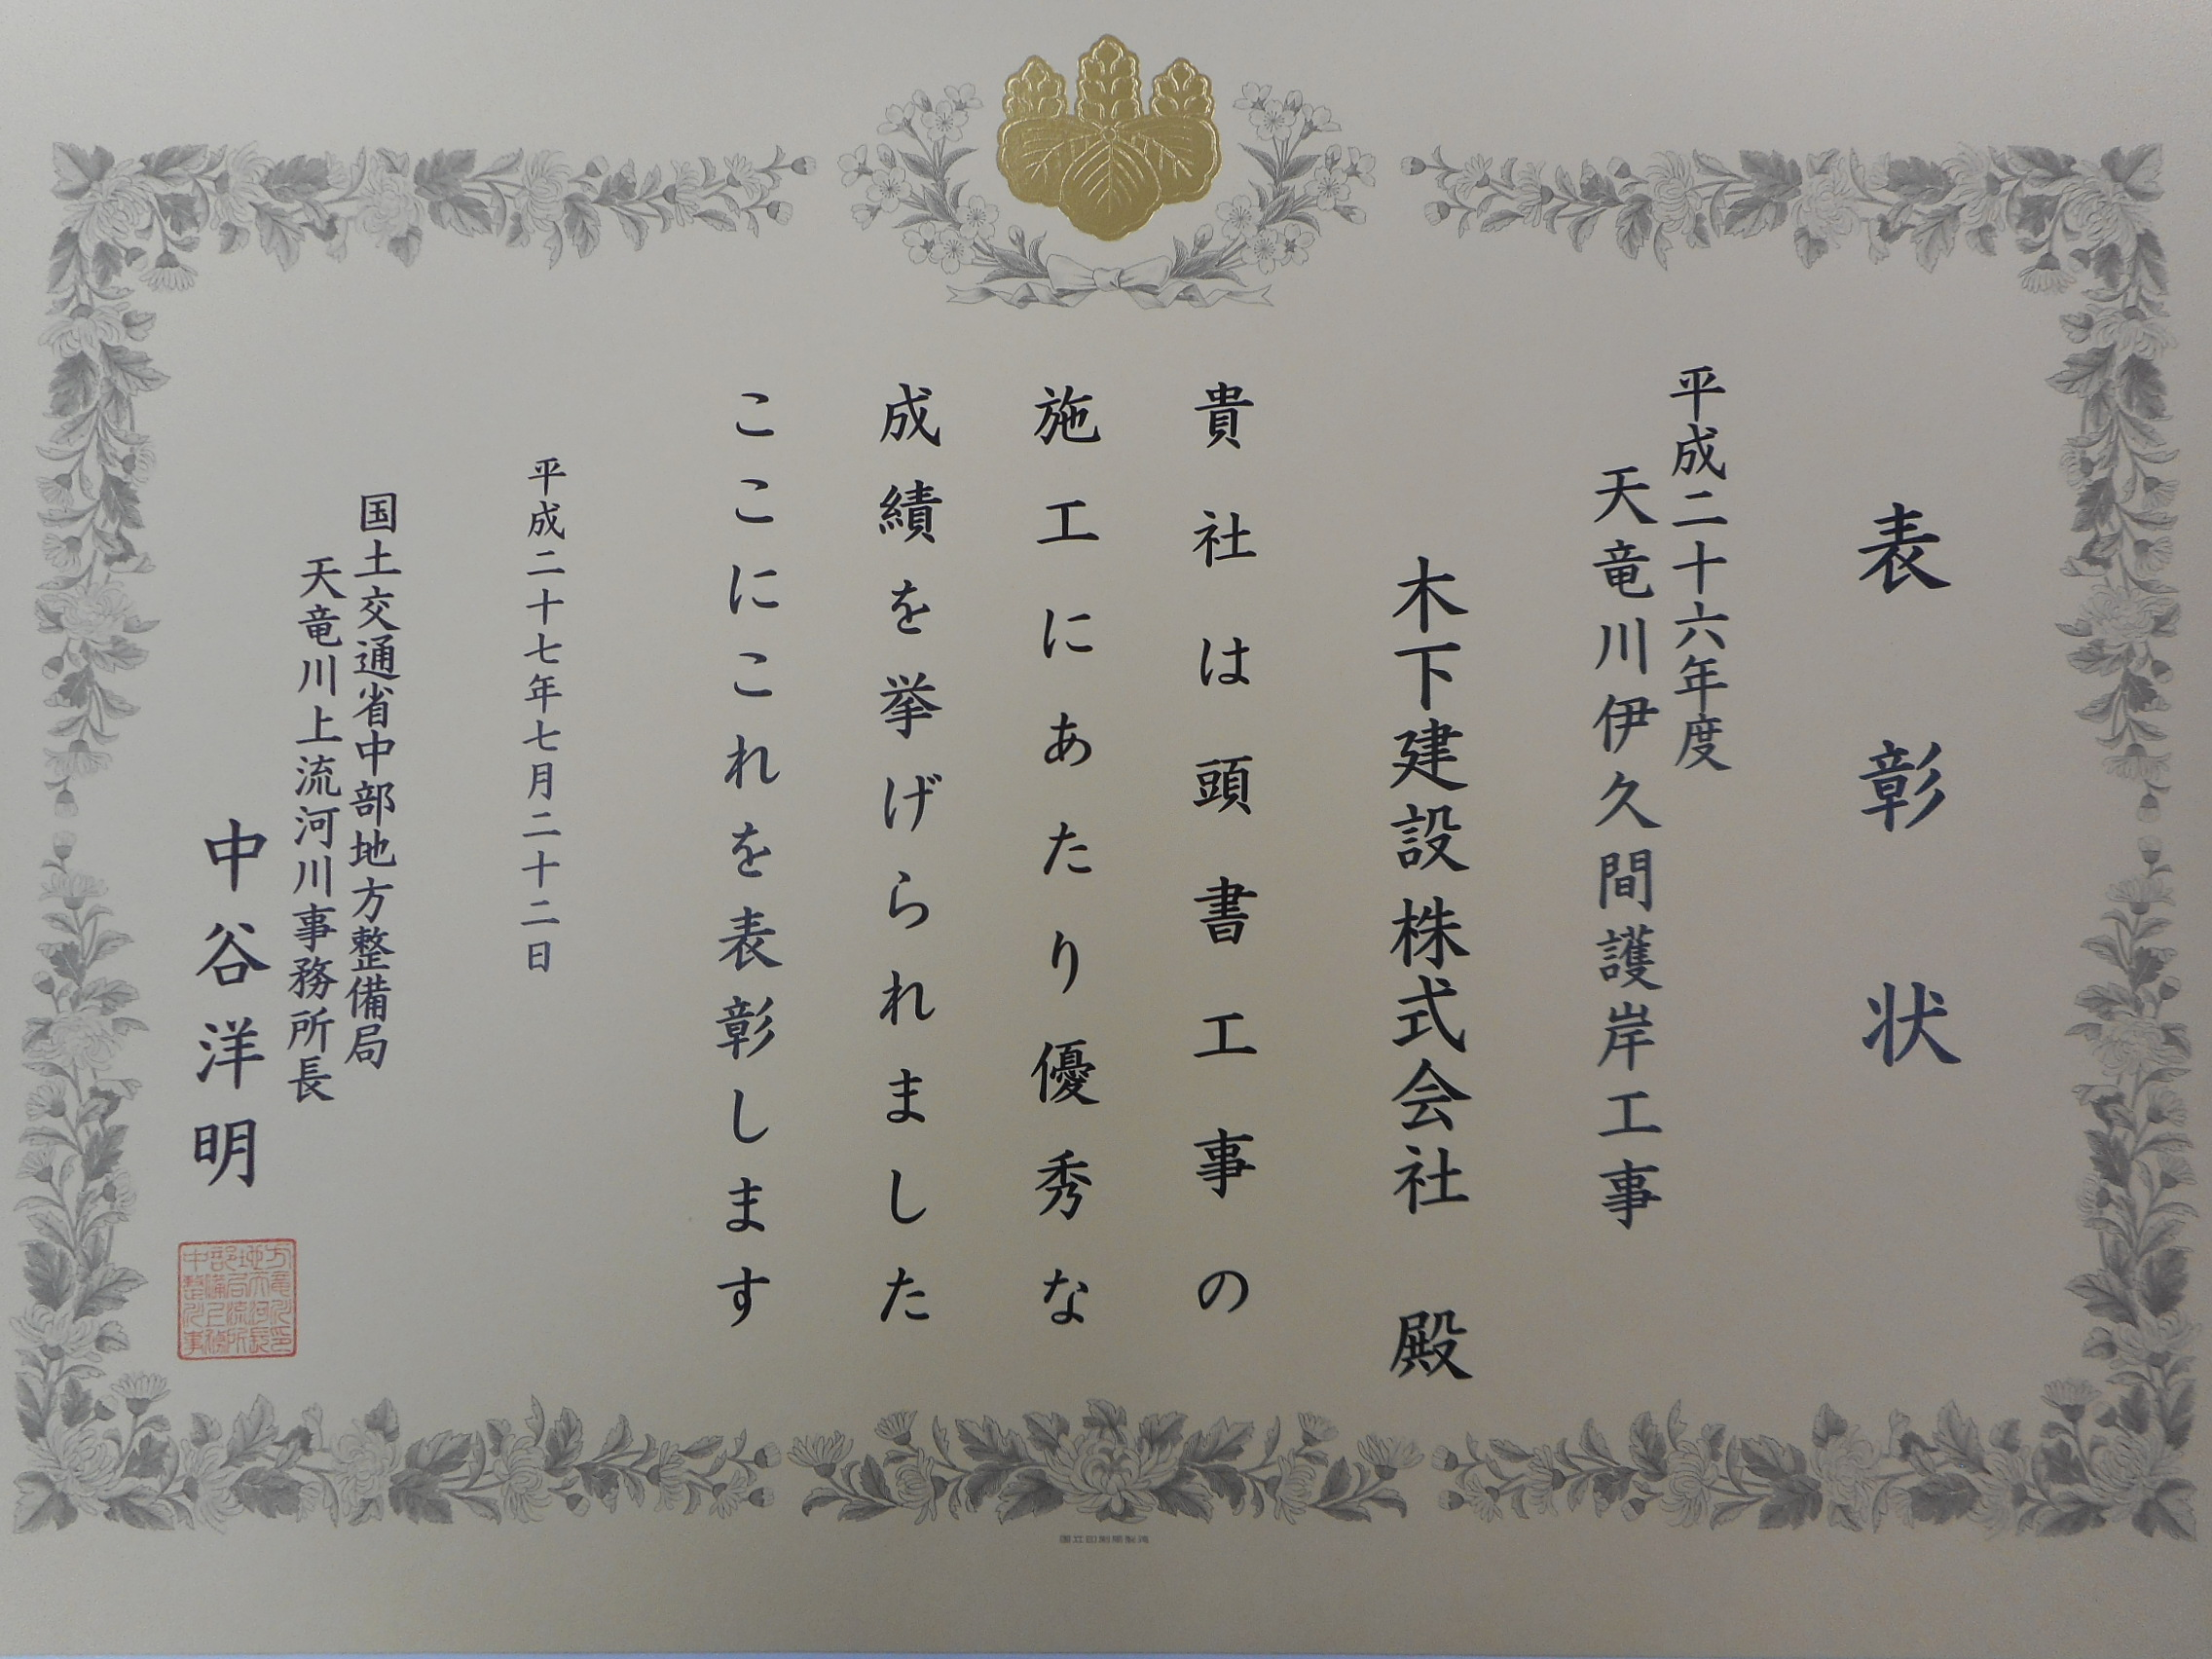 平成27年 事務所表彰『成績優秀』